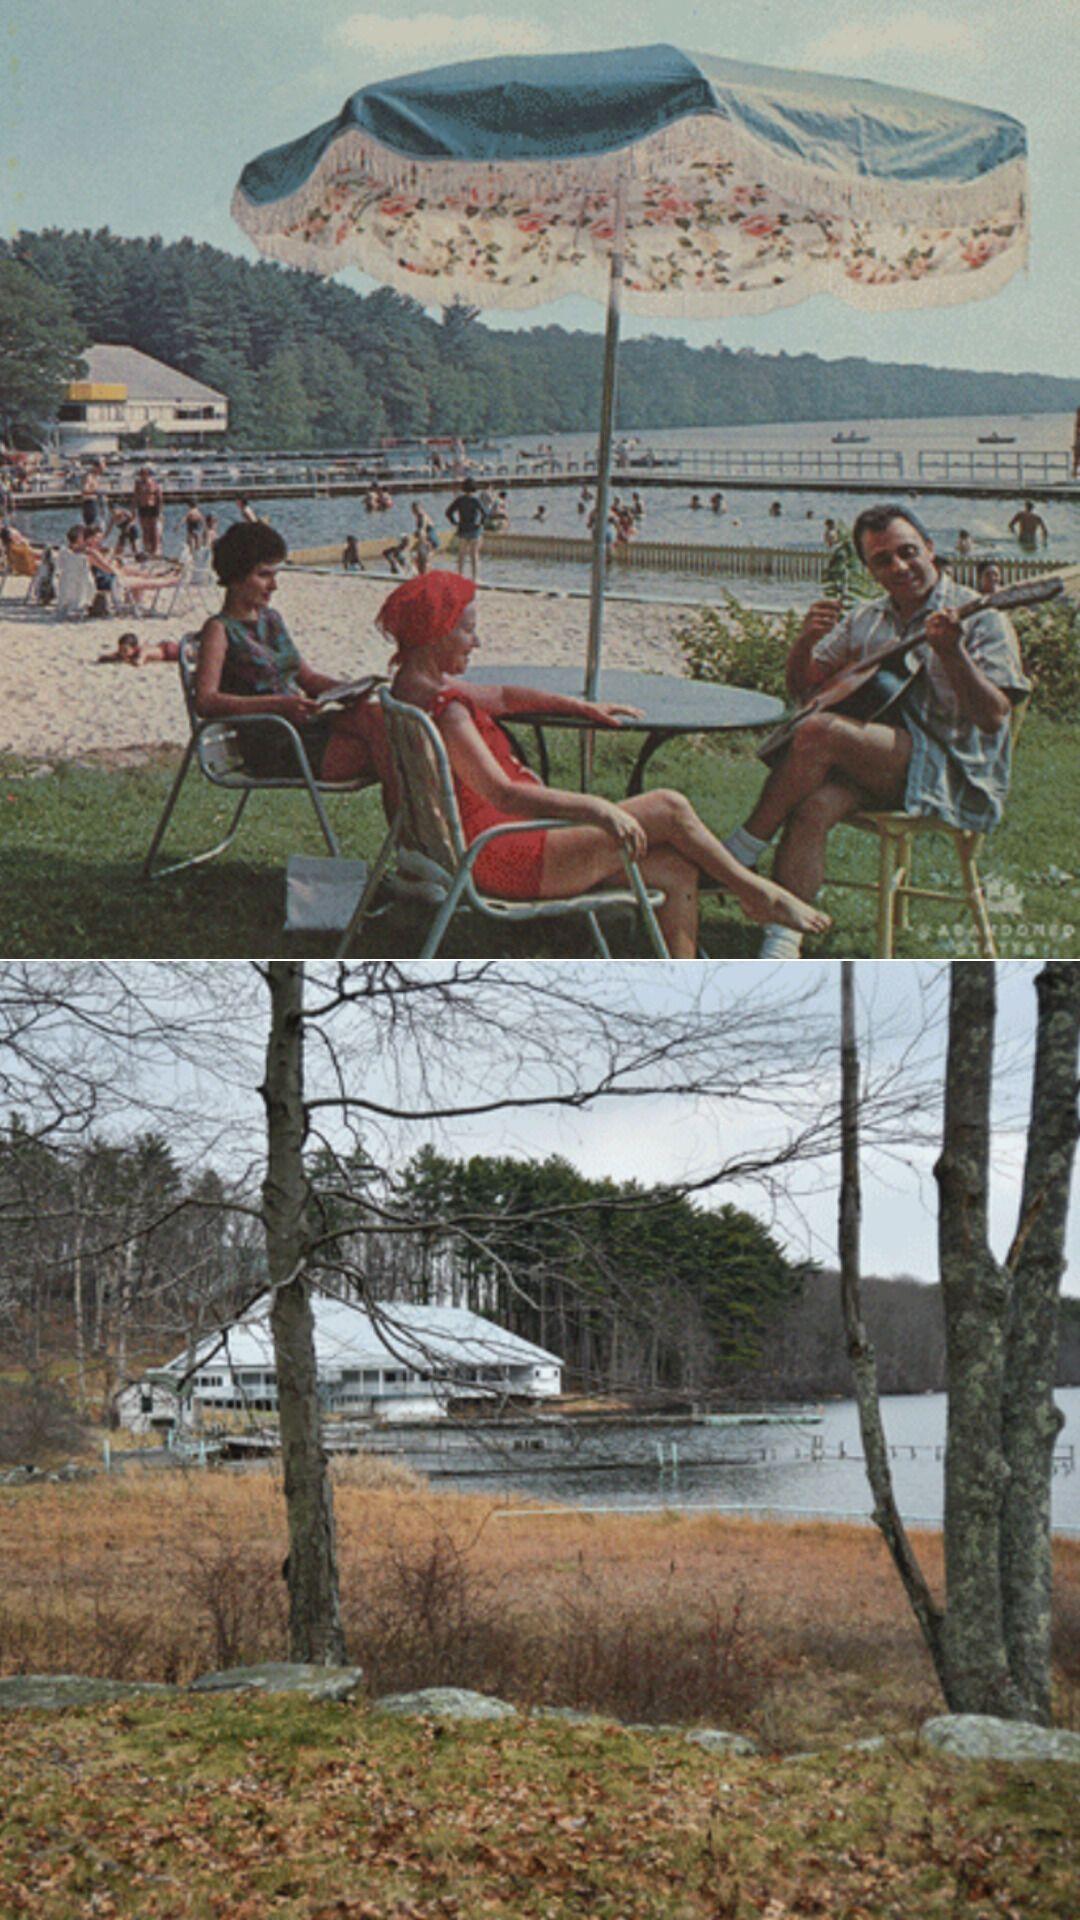 Пляж у озера в Поконосе в 1967 году и сейчас